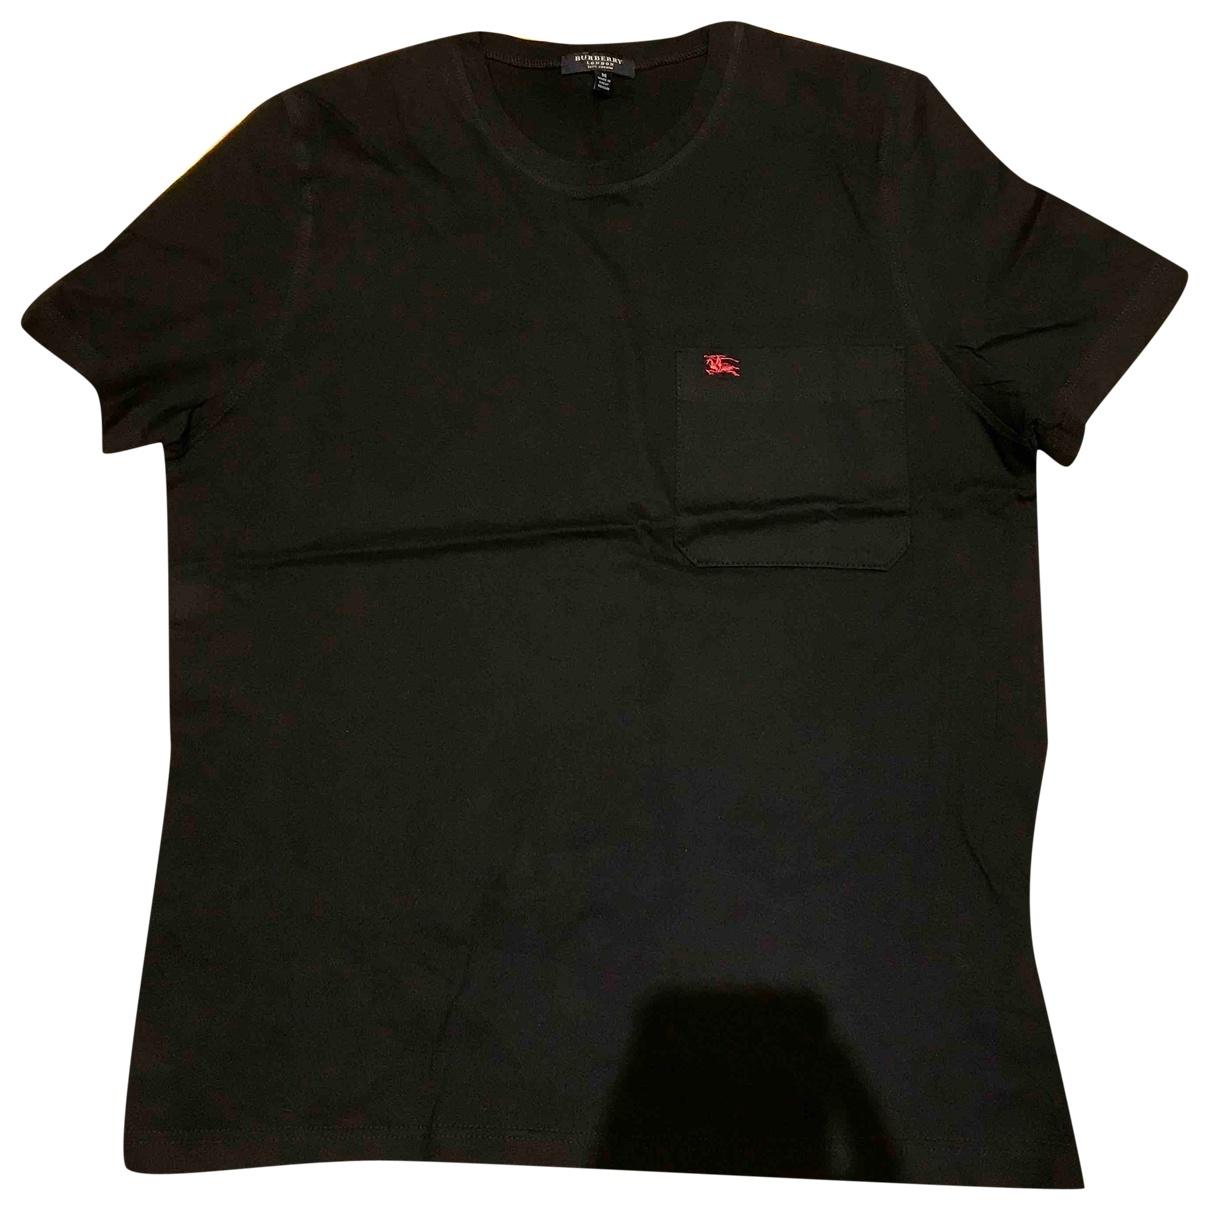 Burberry - Tee shirts   pour homme en coton - noir